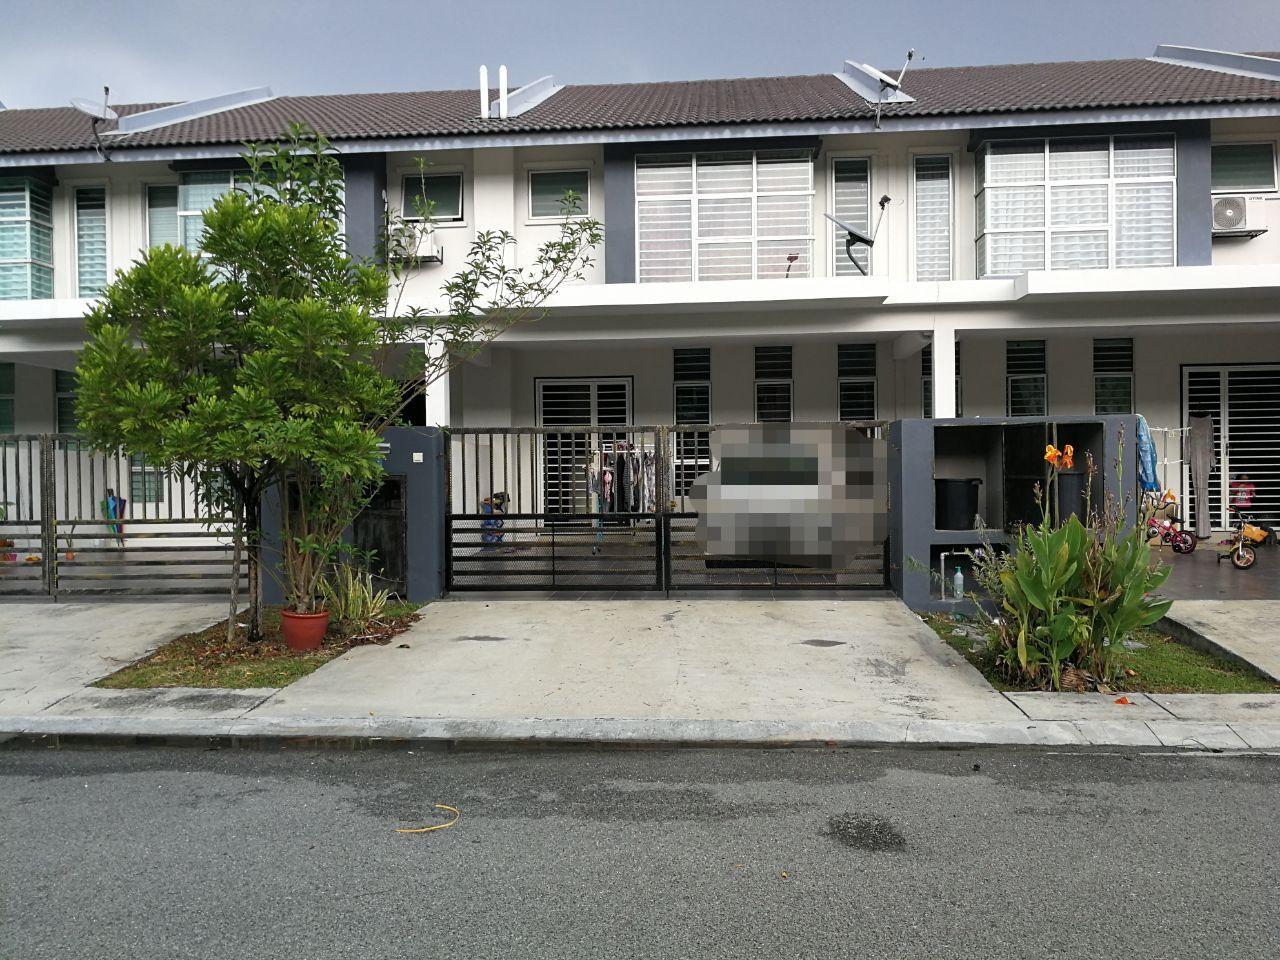 [FREEHOLD] 2 STOREY TERRACE HOUSE, BANGI AVENUE 2, BANGI